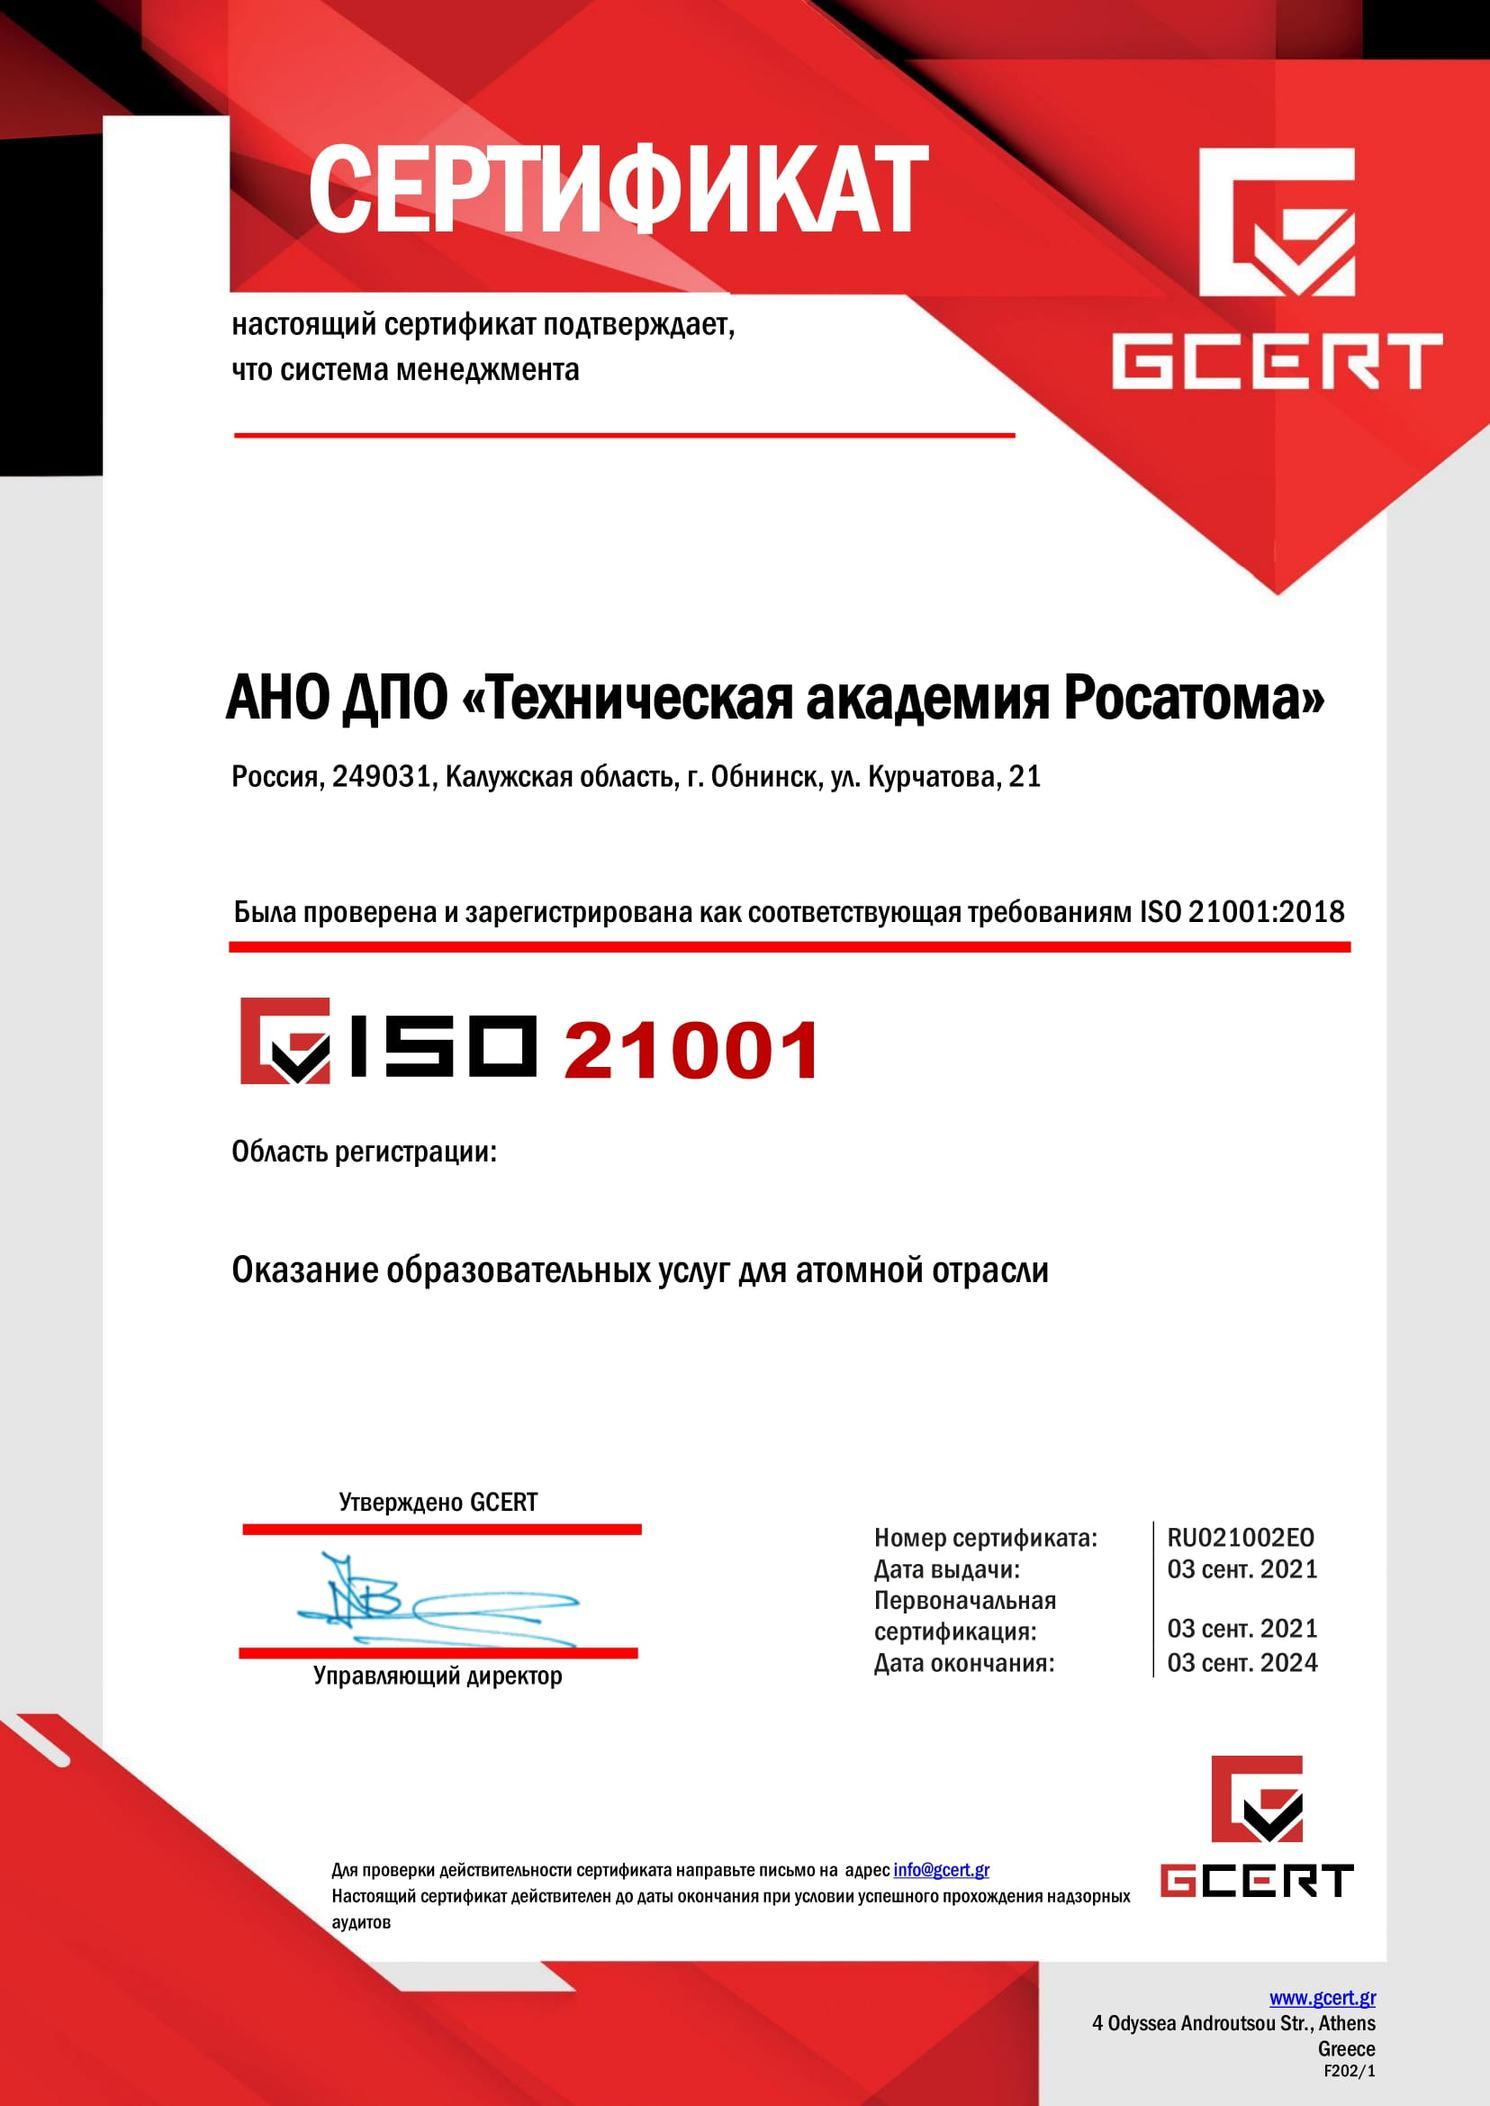 Техническая академия прошла сертификационный аудит системы менеджмента по ISO 21001-2018